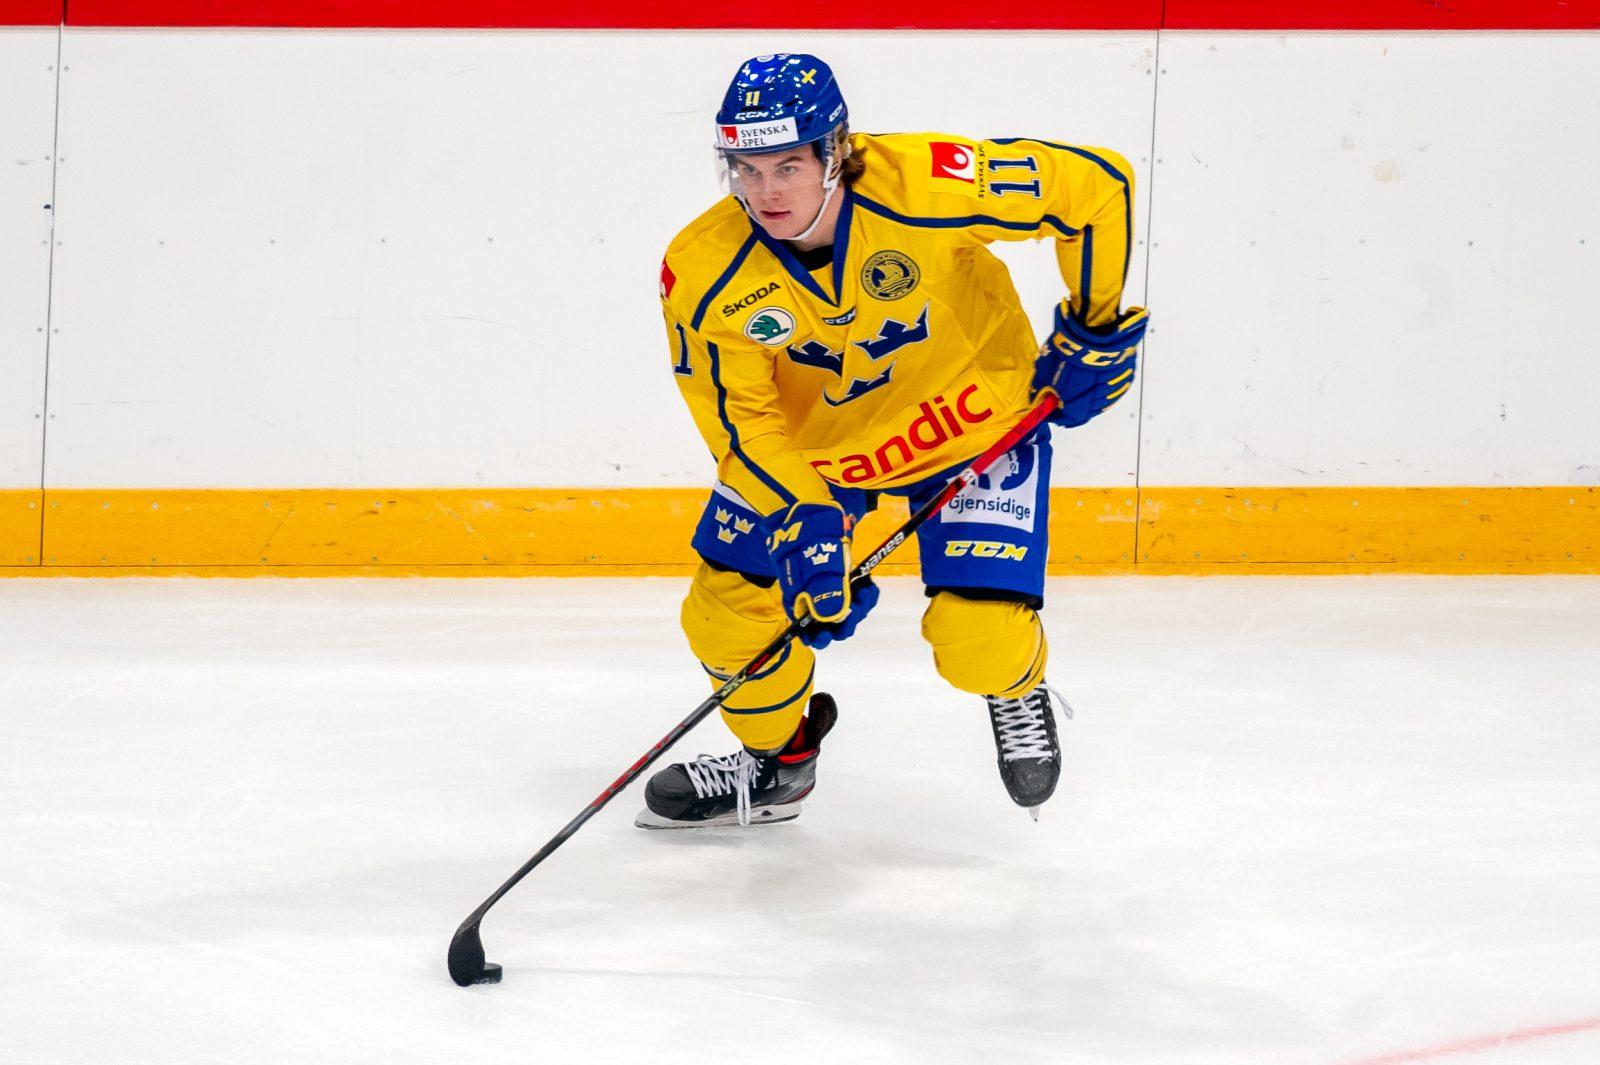 KLART: Stjärnan lånas in till hockeyallsvenska klubben